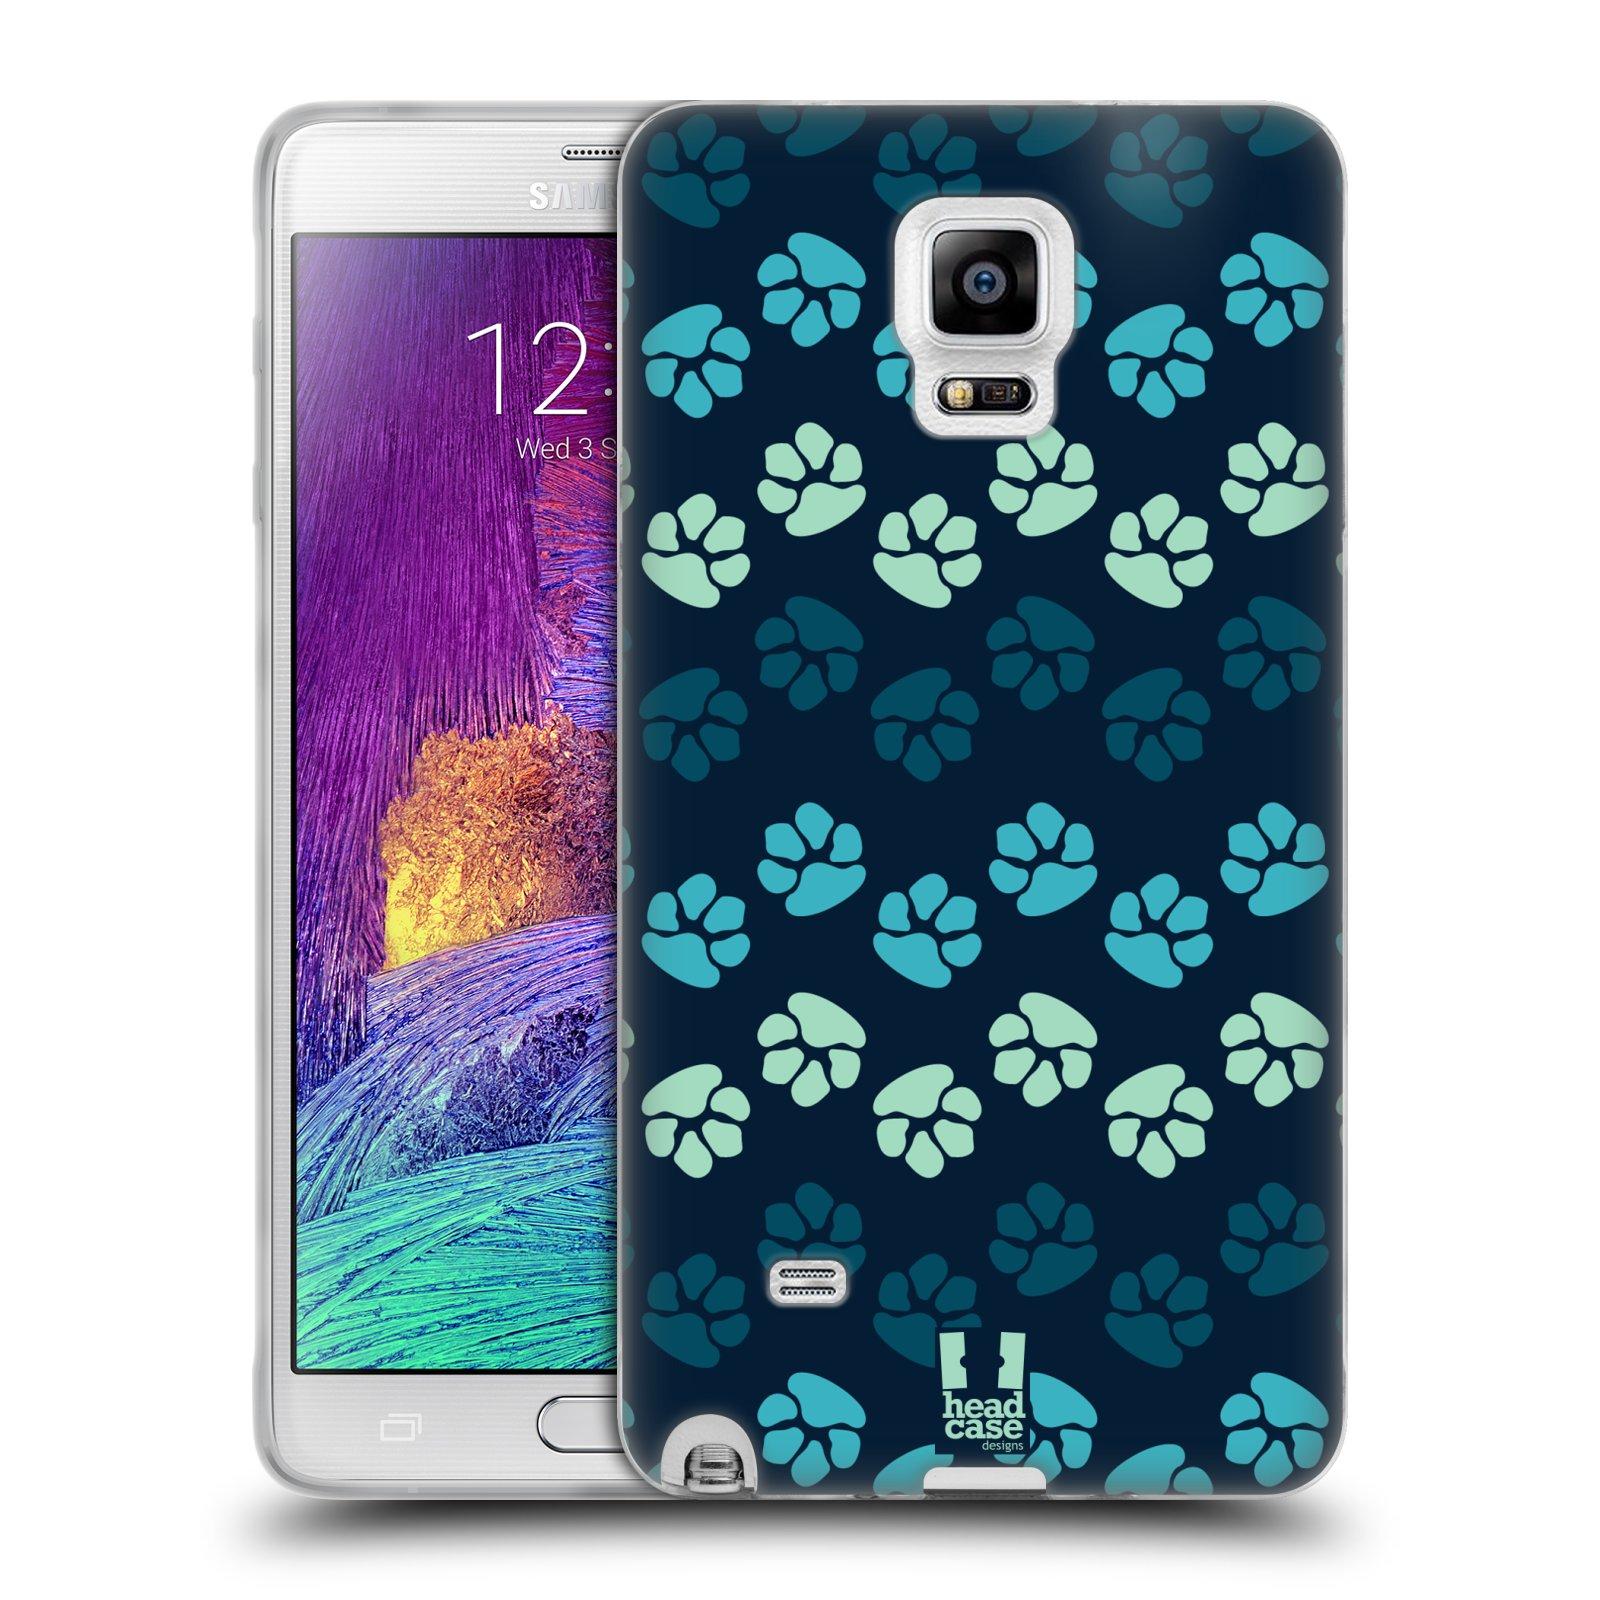 Silikonové pouzdro na mobil Samsung Galaxy Note 4 HEAD CASE TLAPKY MODRÉ (Silikonový kryt či obal na mobilní telefon Samsung Galaxy Note 4 SM-N910F)